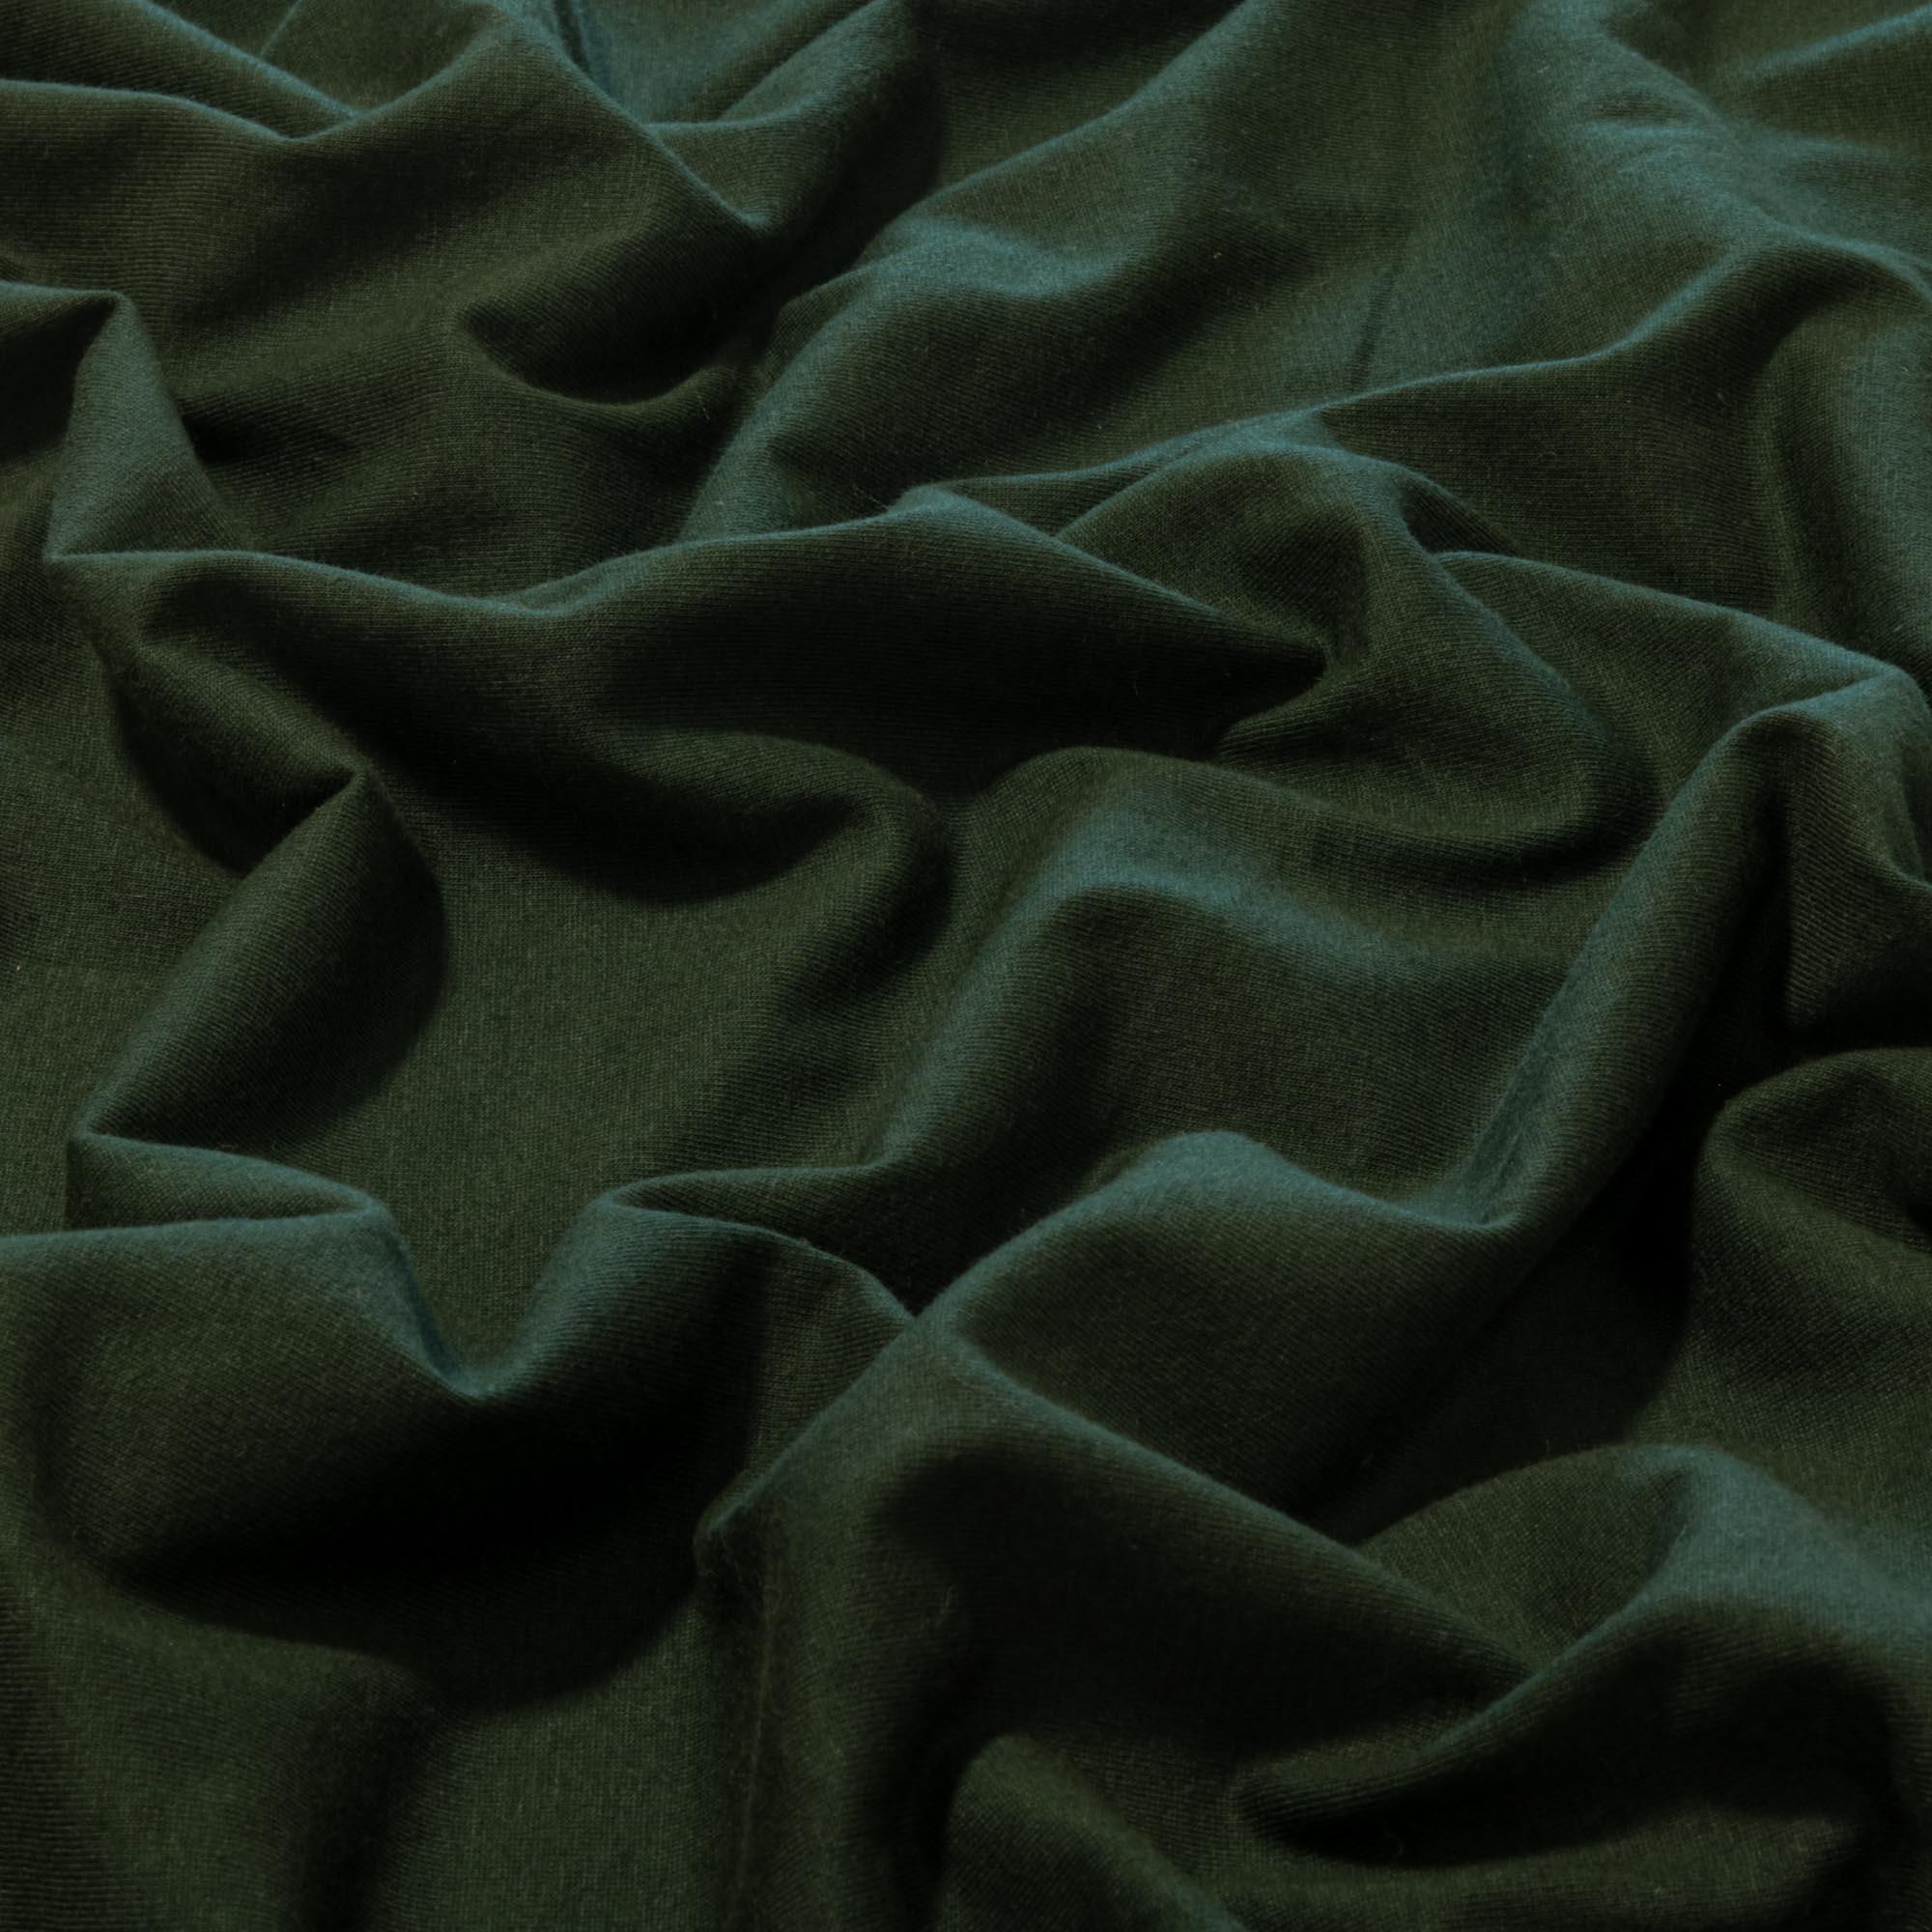 Tecido Malha de Algodão 100% Algodão Verde Militar